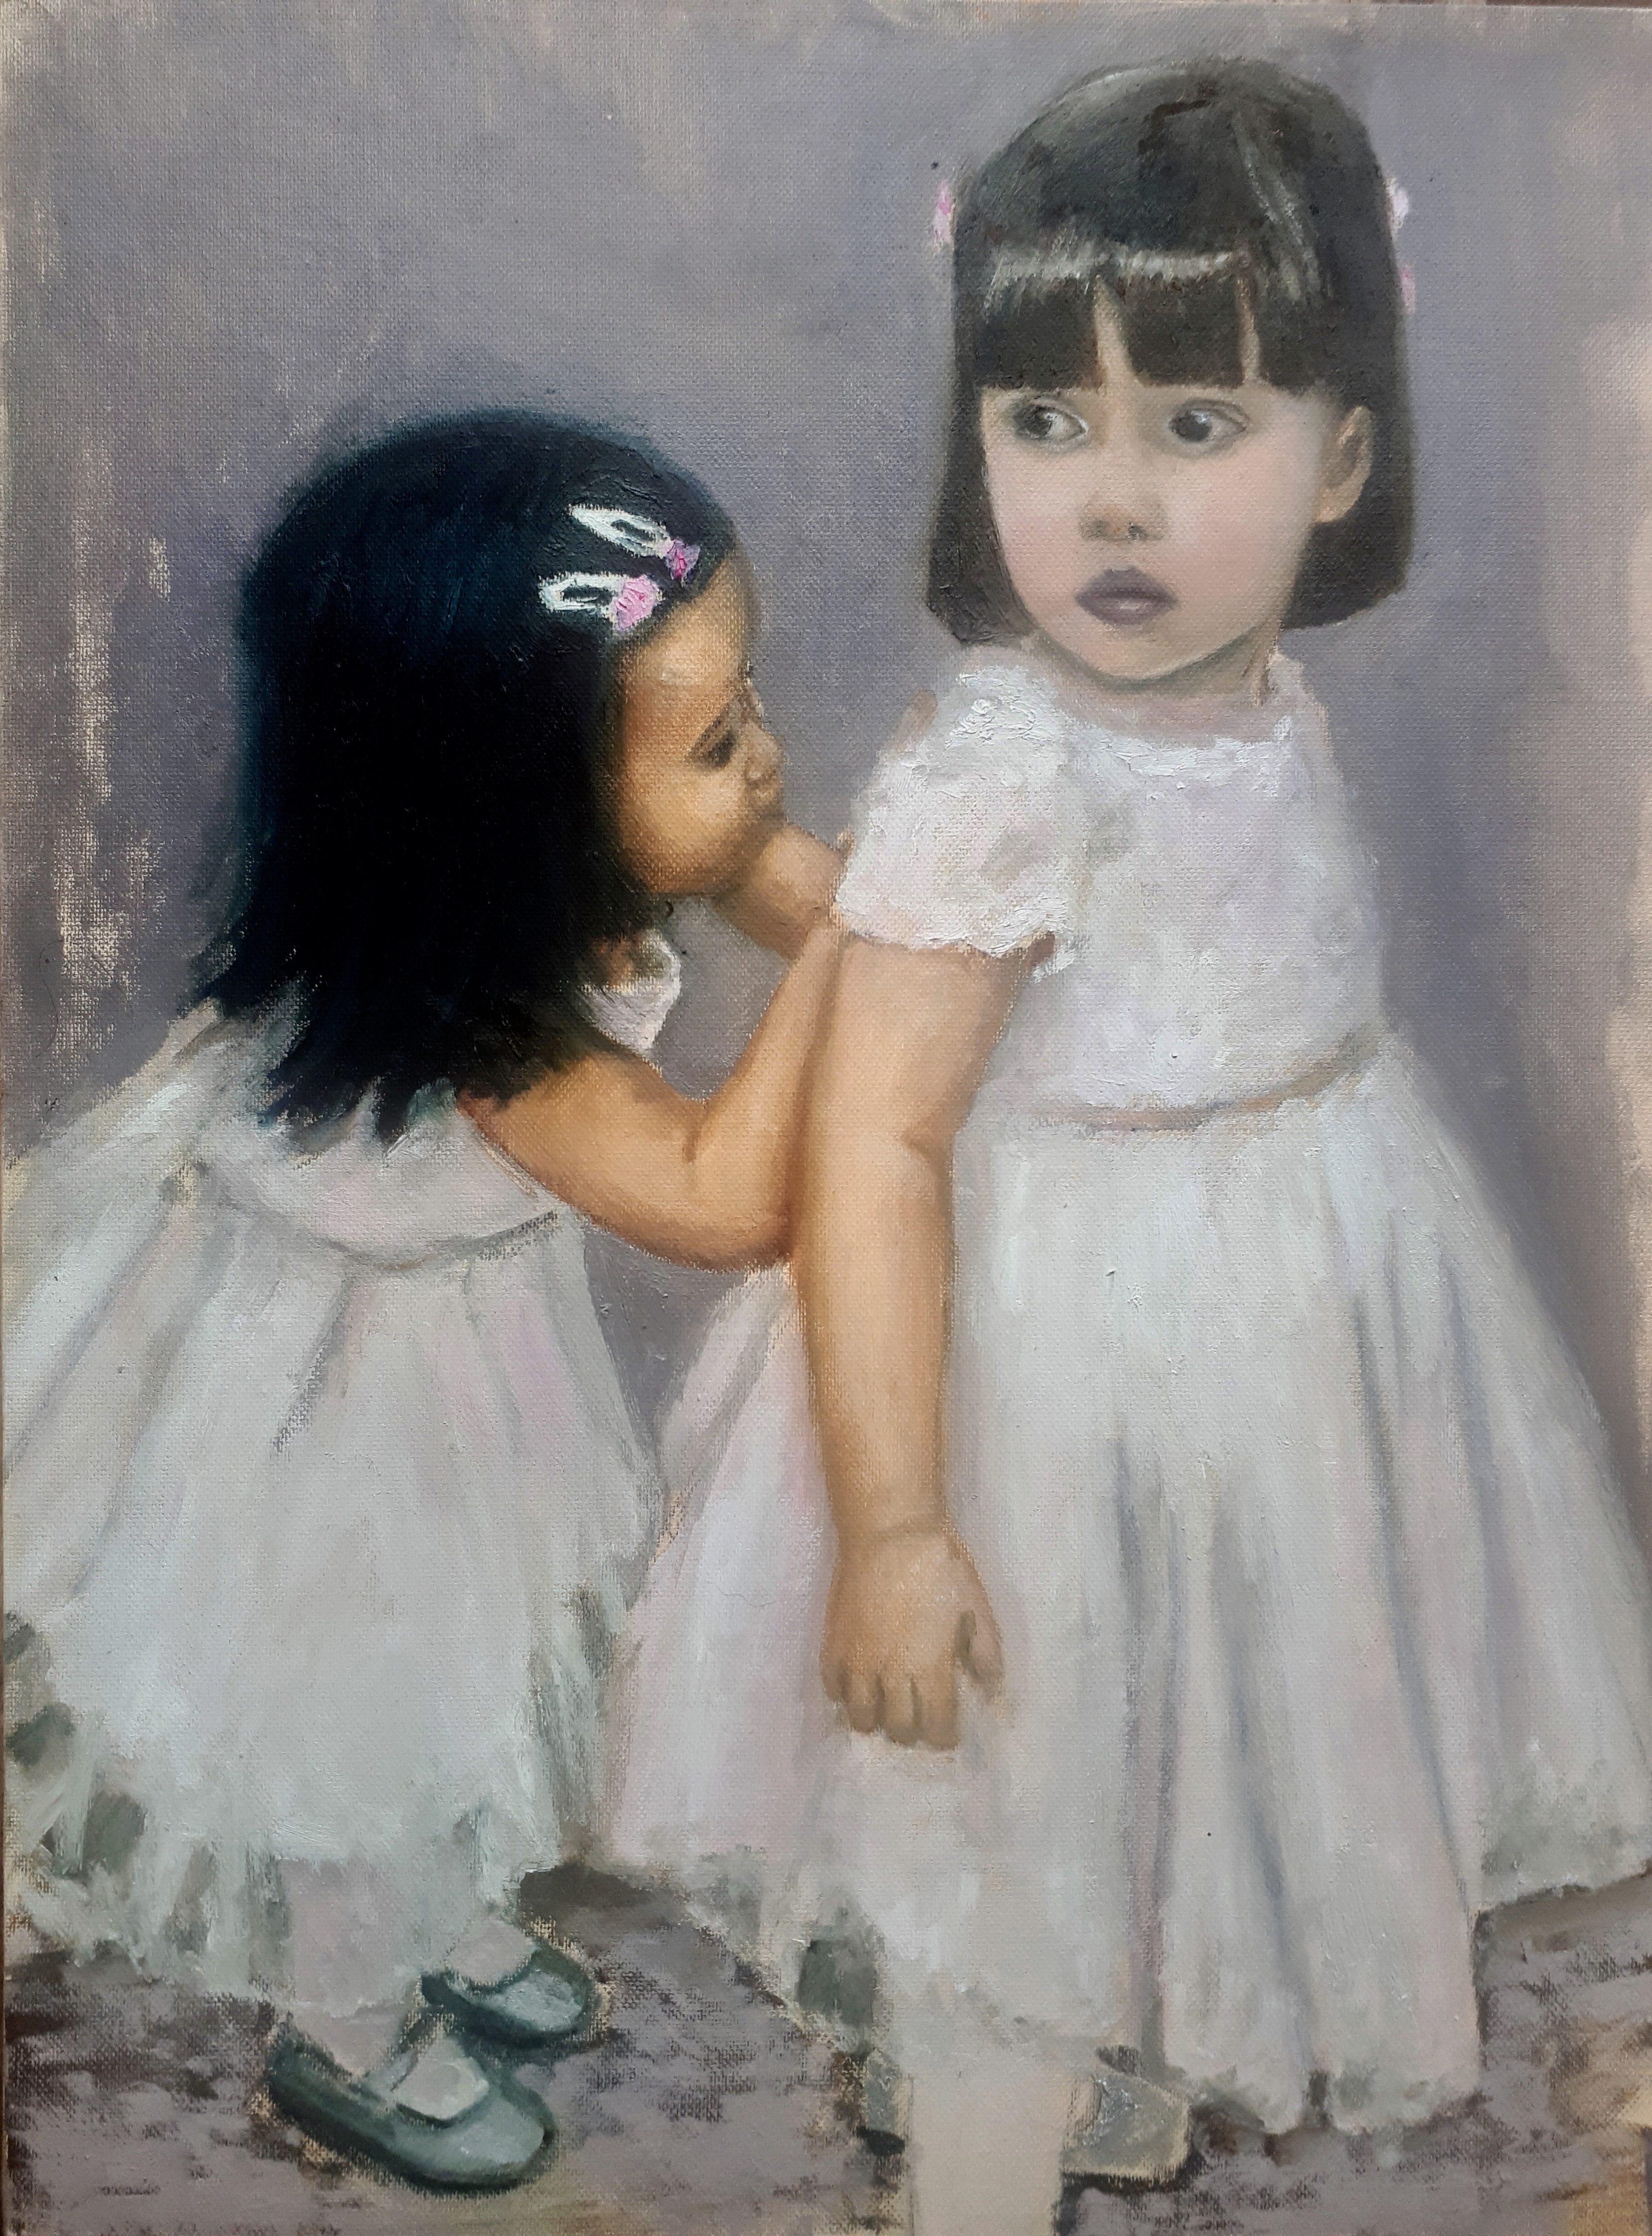 Two little girls white dresses